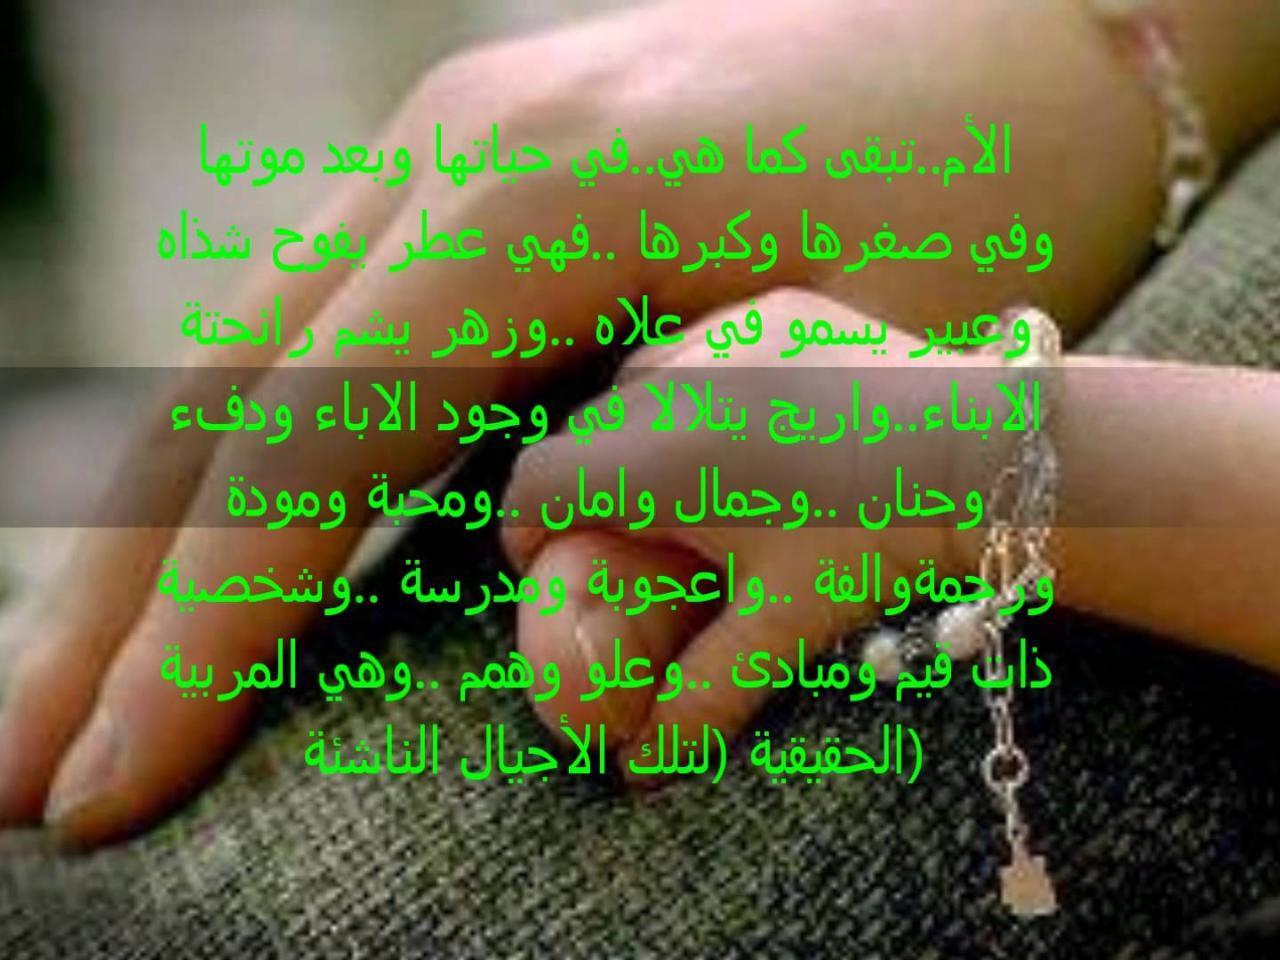 صورة اجمل كلمات عن الام , عبارات رائعة عن ست الحبايب 2012 9